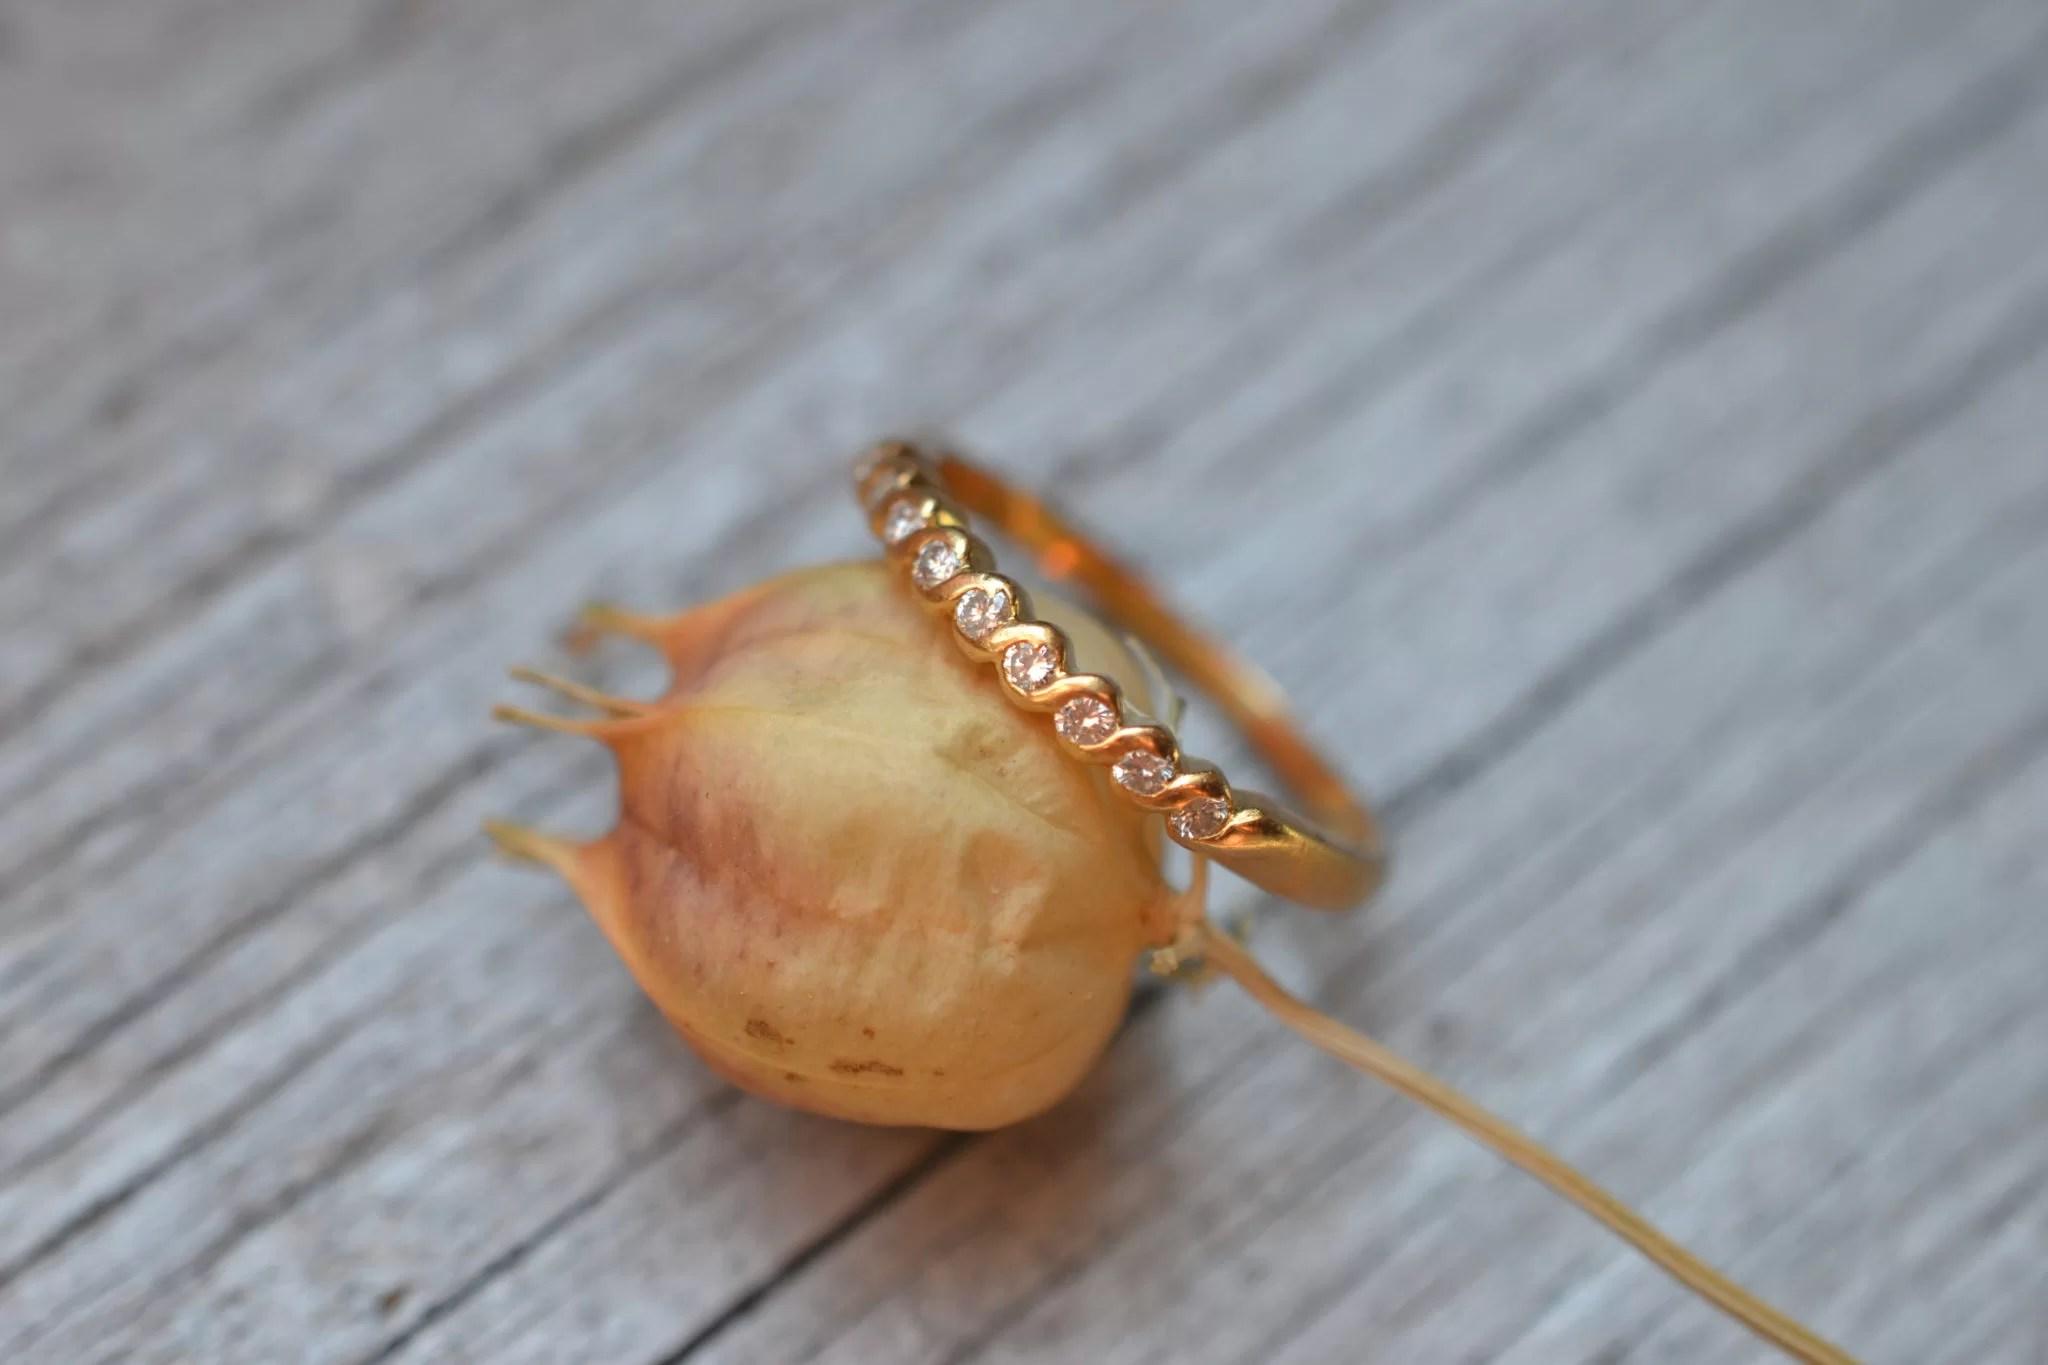 bague ancienne demi alliance américaine en Or jaune 18 carats et diamants - bijou ancien mariage ethique